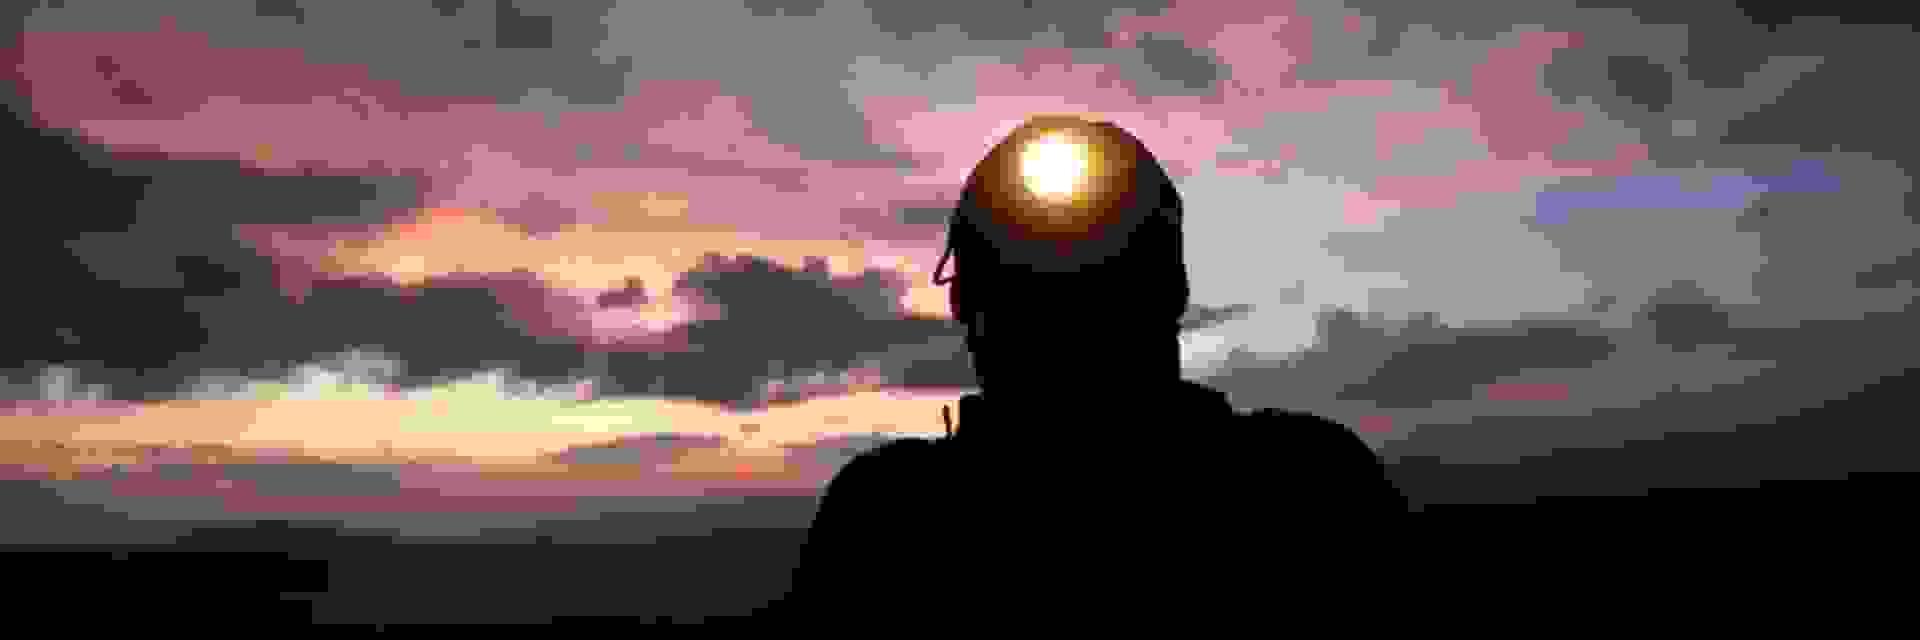 Ein Mann schaut im Dunkeln mit einer eingeschalteten Stirnlampe in die Kamera.